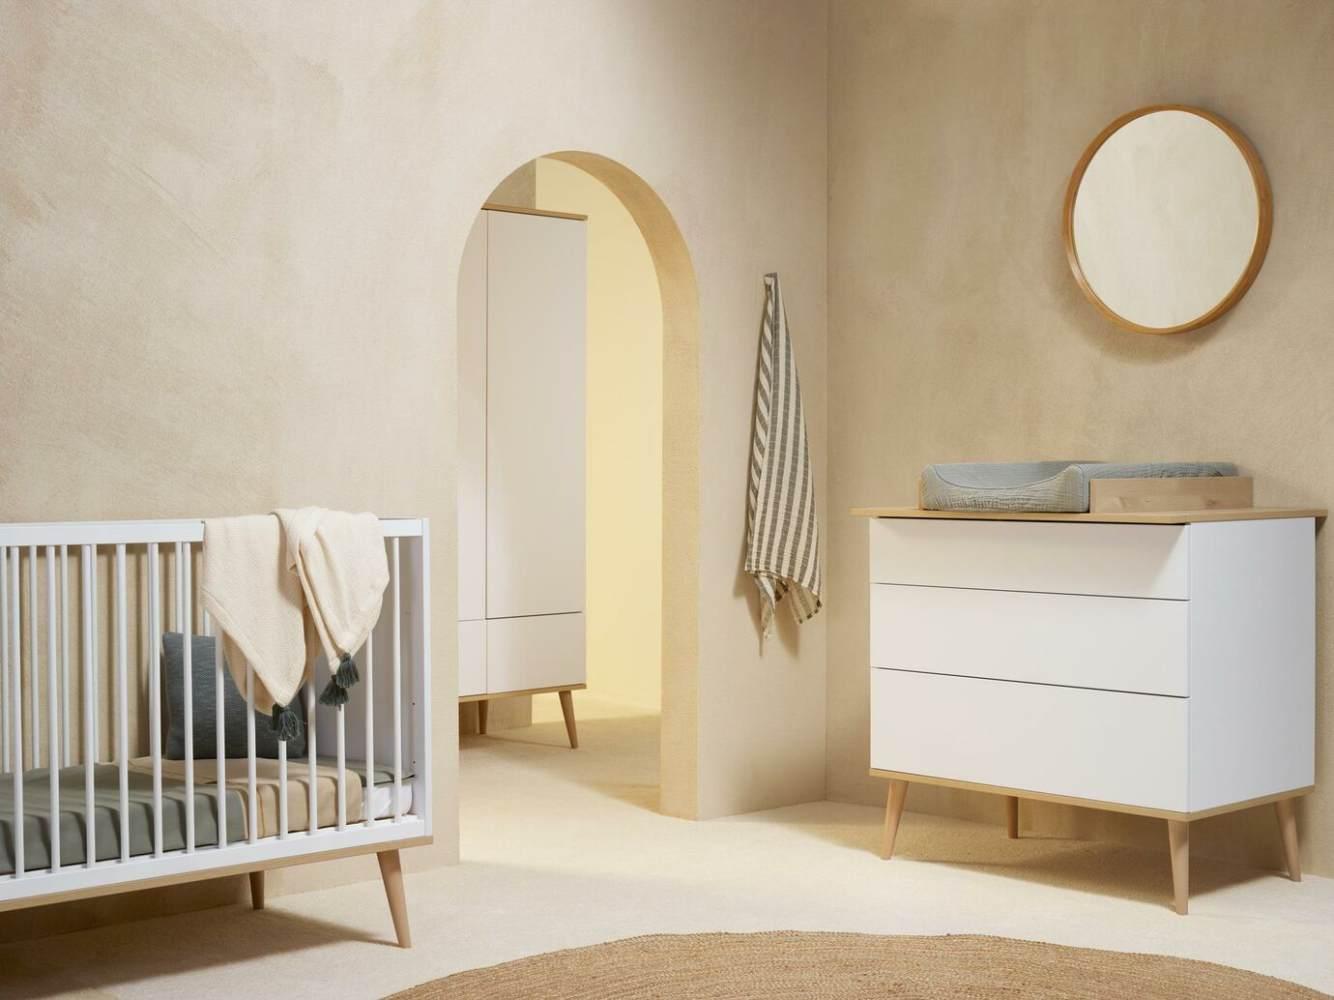 Quax 'Flow' 3-tlg. Kinderzimmerset, White & Oak, aus Bett 60 x 120 cm, Wickelkommode und 2-trg. Kleiderschrank Bild 1